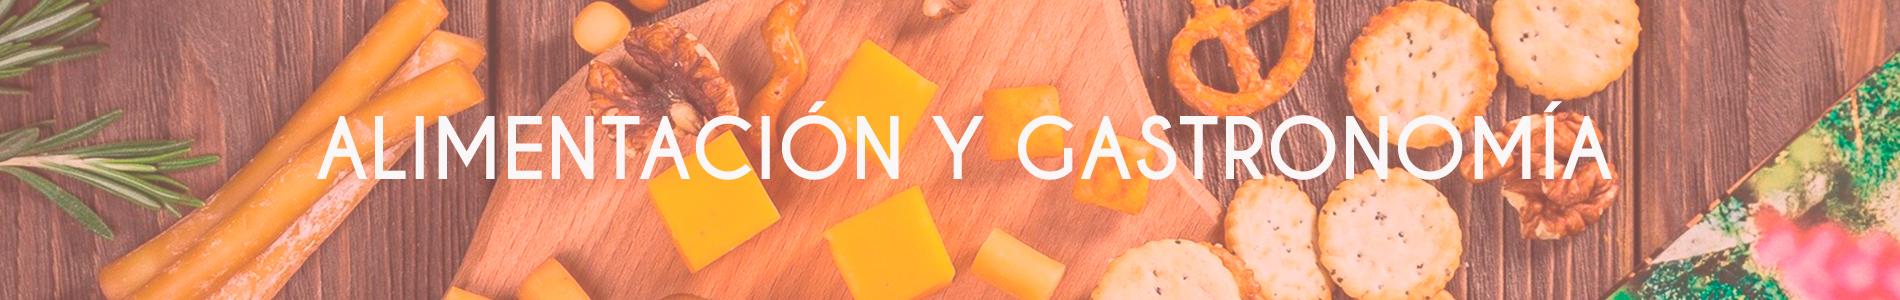 banner-alimentación-y-gastronomía-1900x300